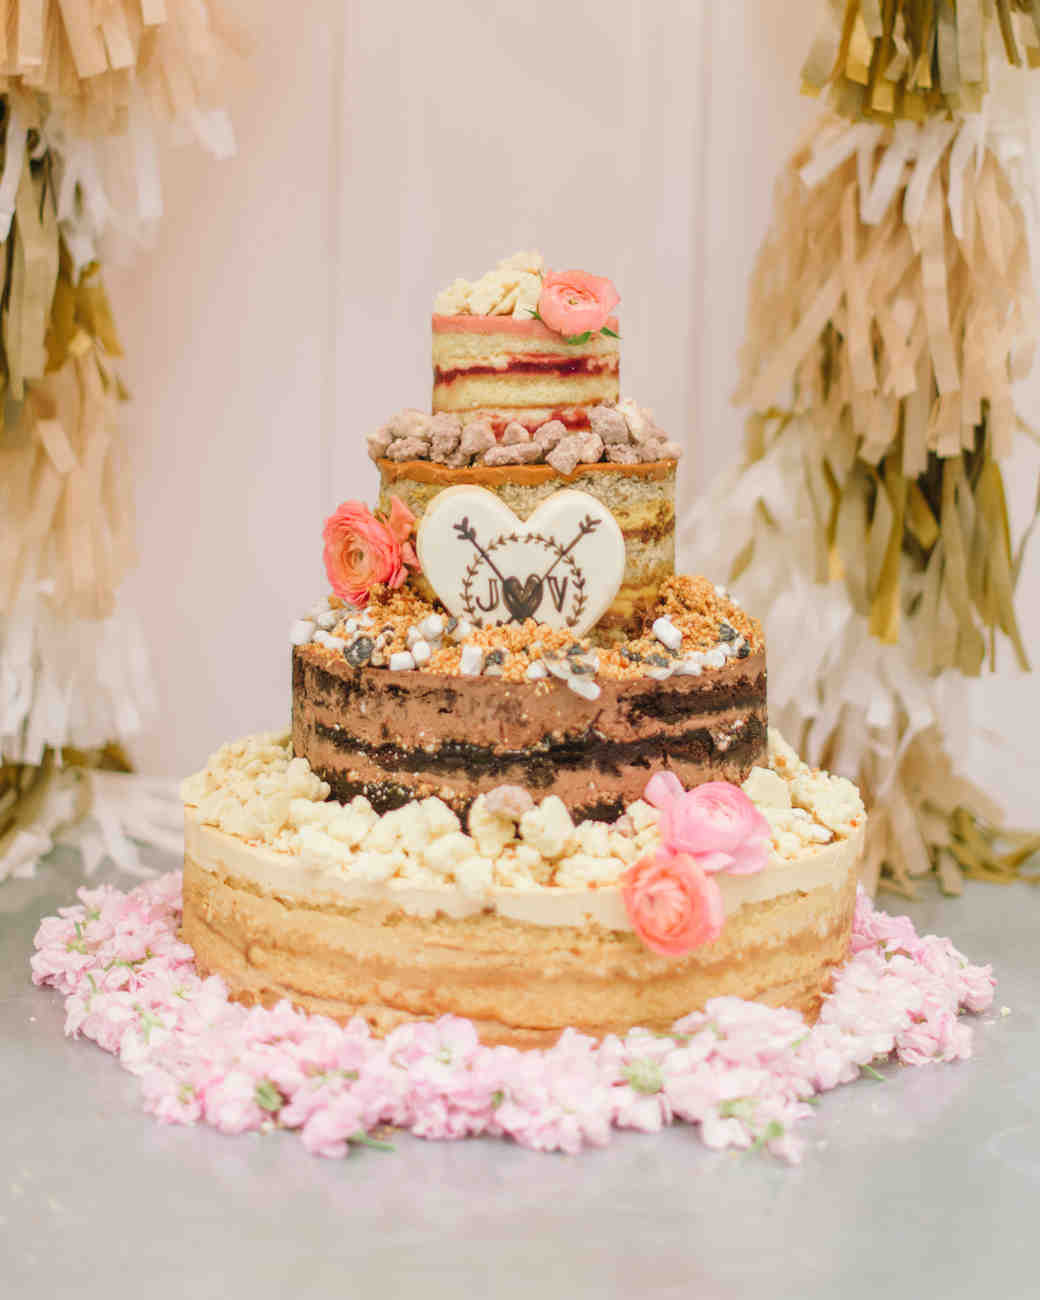 Naked Wedding Cake Recipe  44 Naked Cakes for Your Wedding